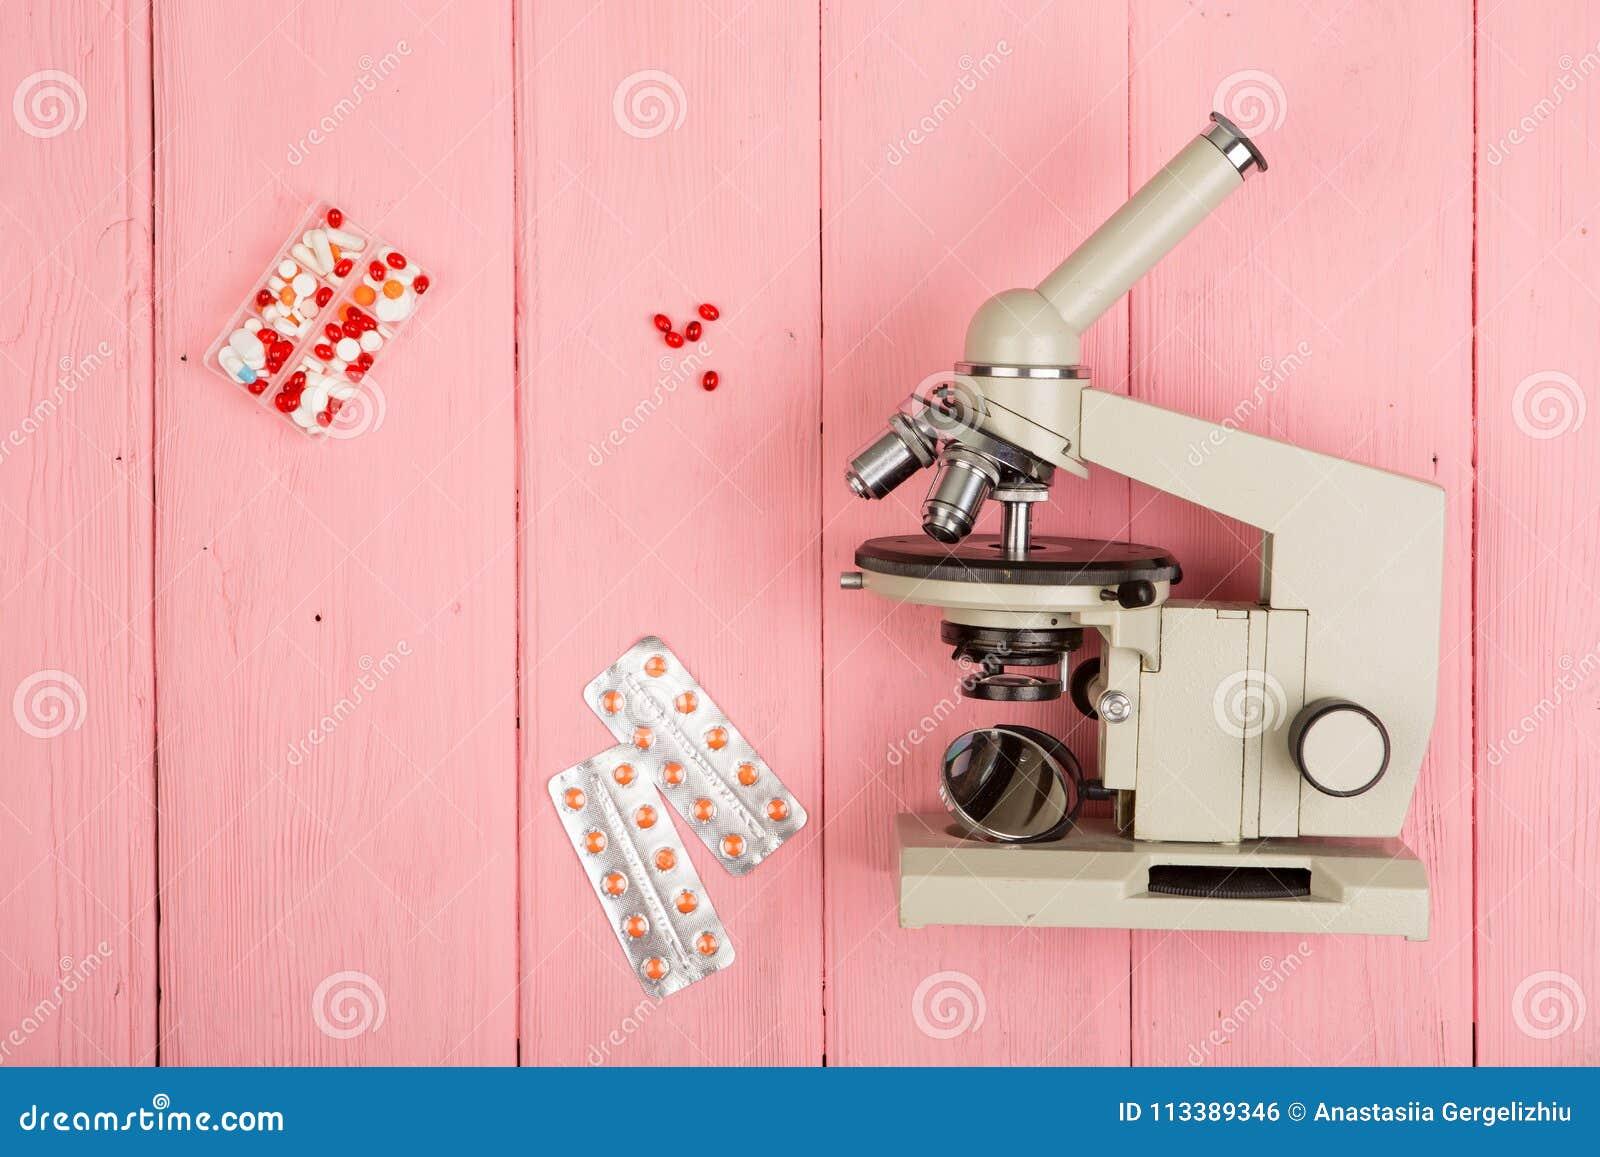 Доктор ученого рабочего места - микроскоп, пилюльки на розовом деревянном столе